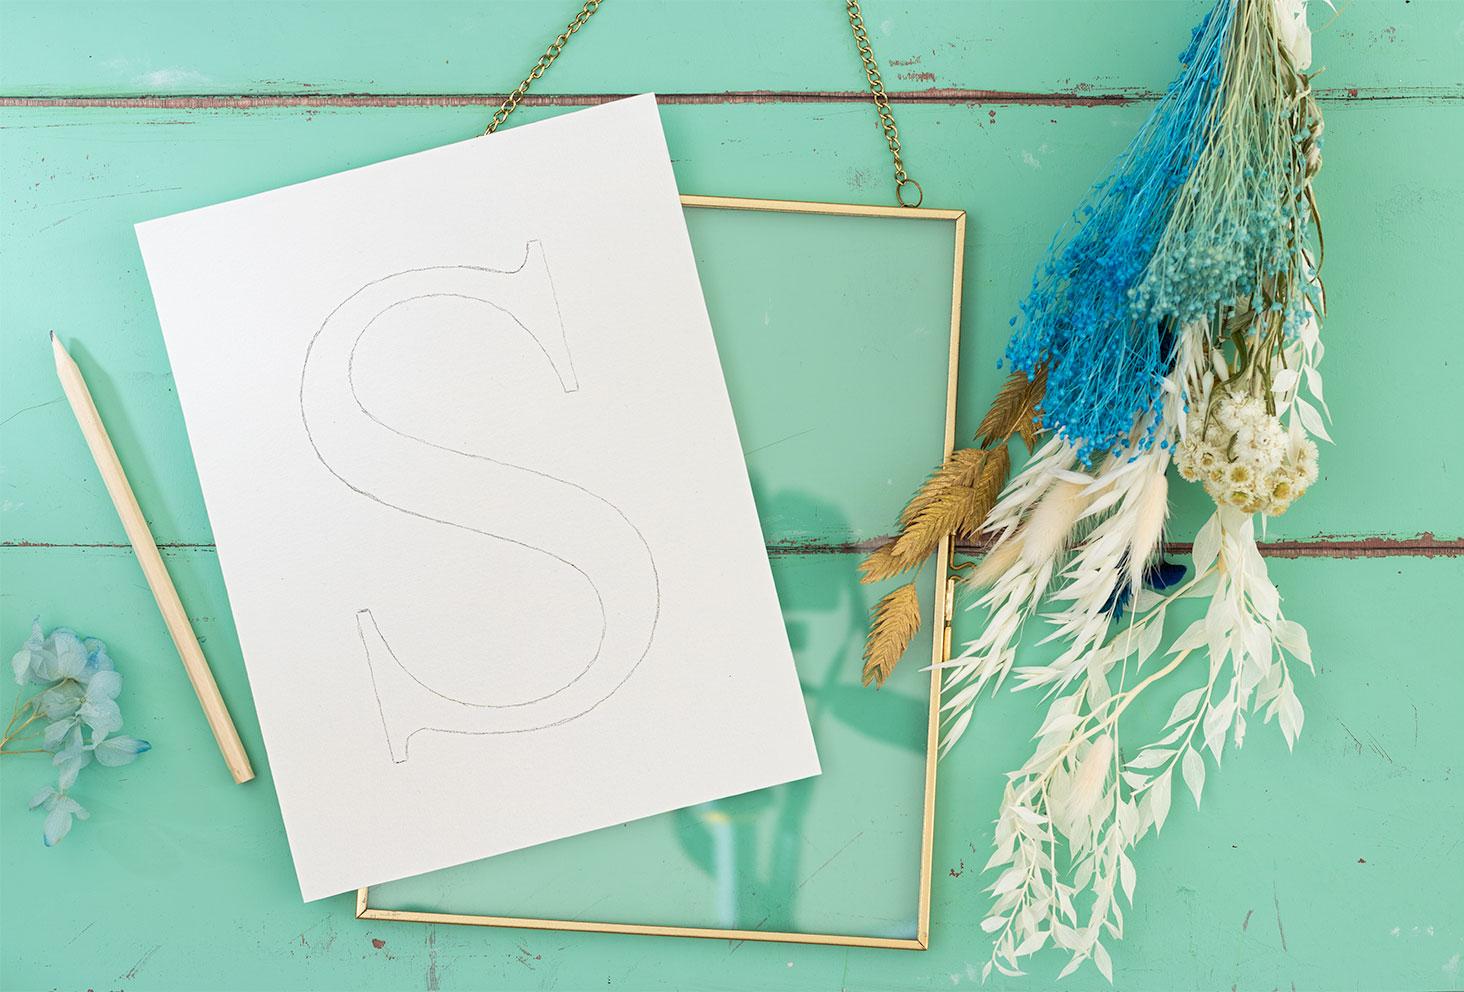 La lettre S sur du papier dessin posé sur un cadre doré avec des fleurs séchées, pour un DIY en fleurs